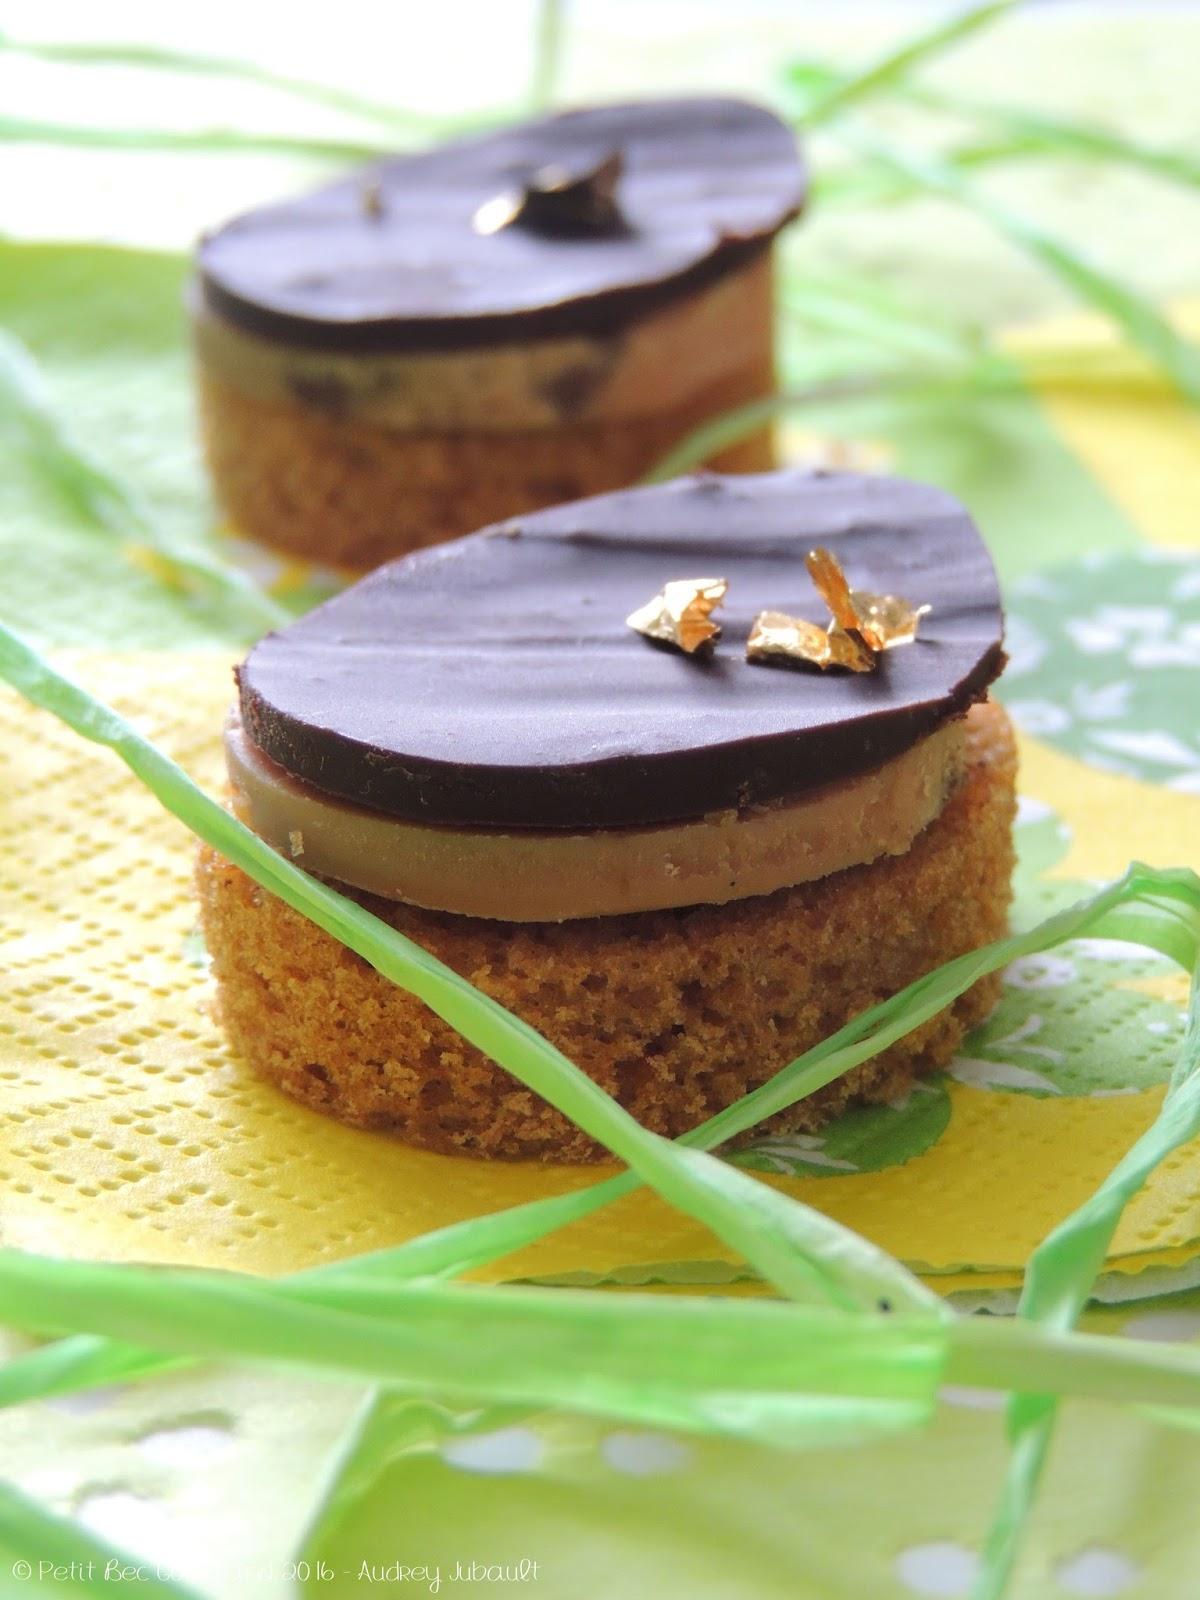 Canap s de foie gras au chocolat sur lit de pain d 39 pices for Canape foie gras